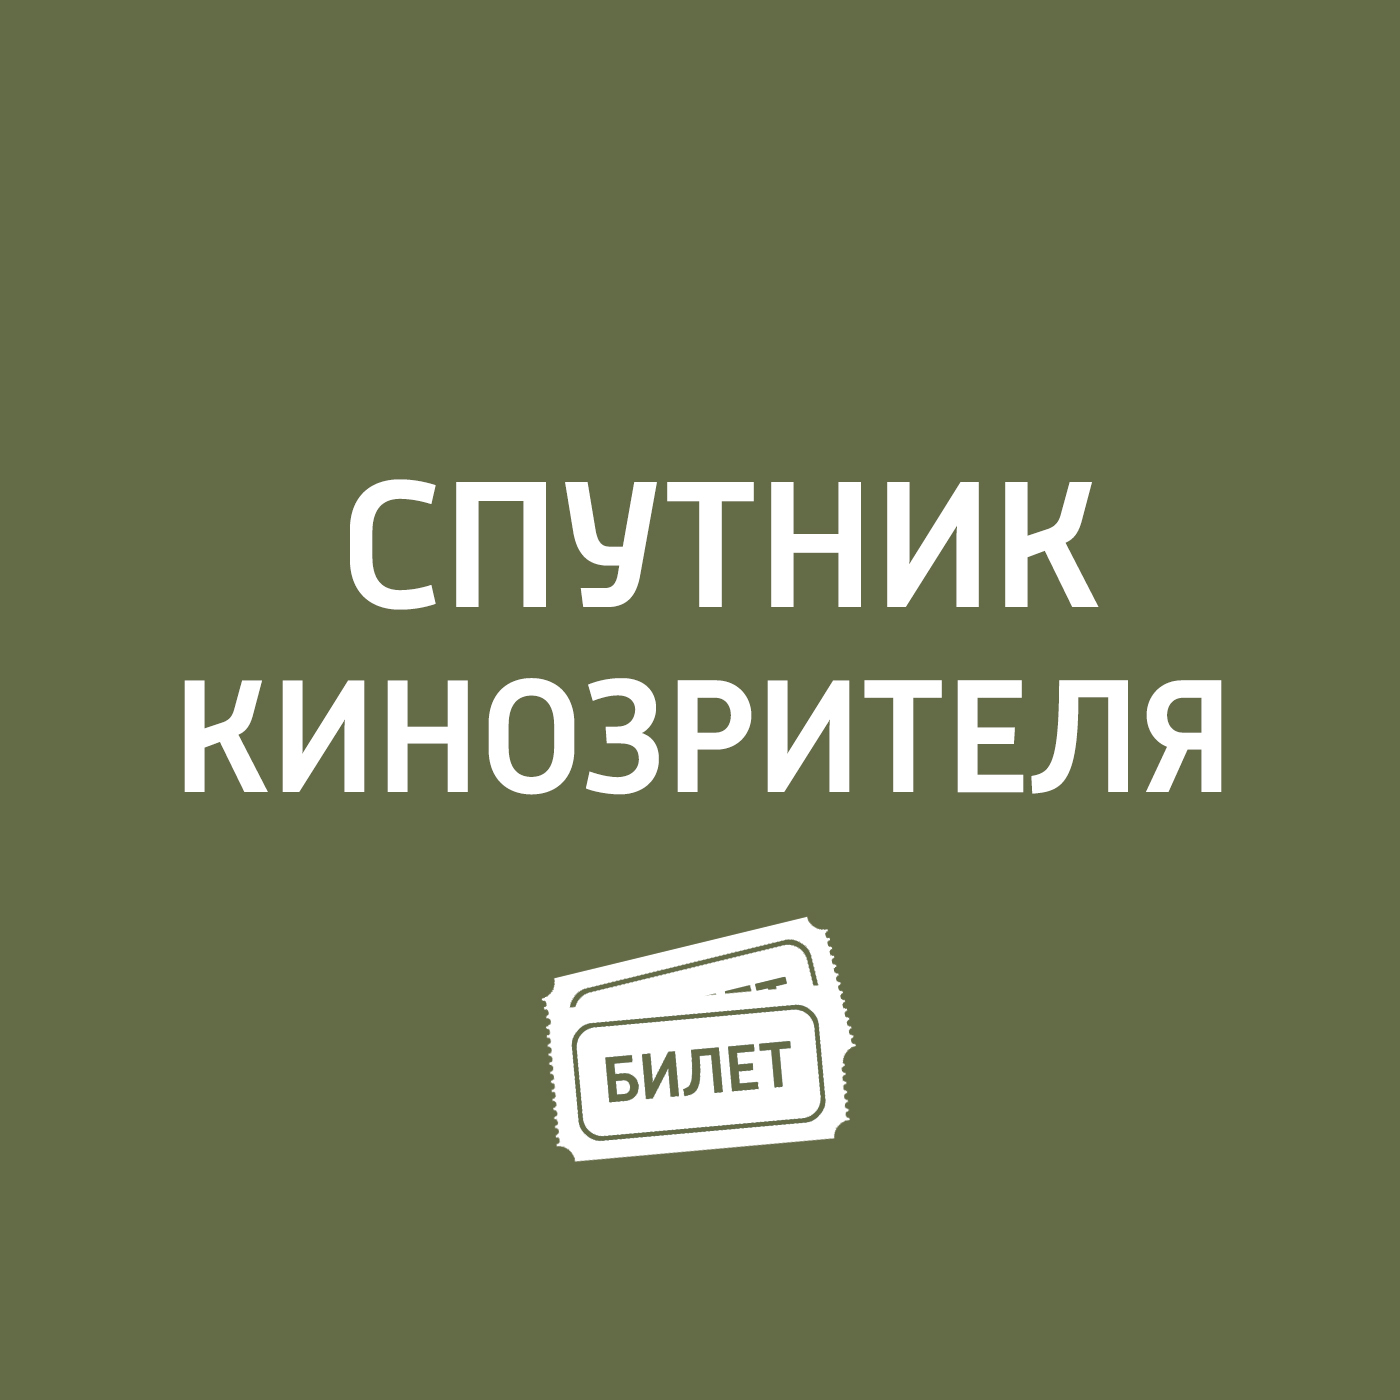 Антон Долин Евгений Евстигнеев oklick 795g black мышь игровая